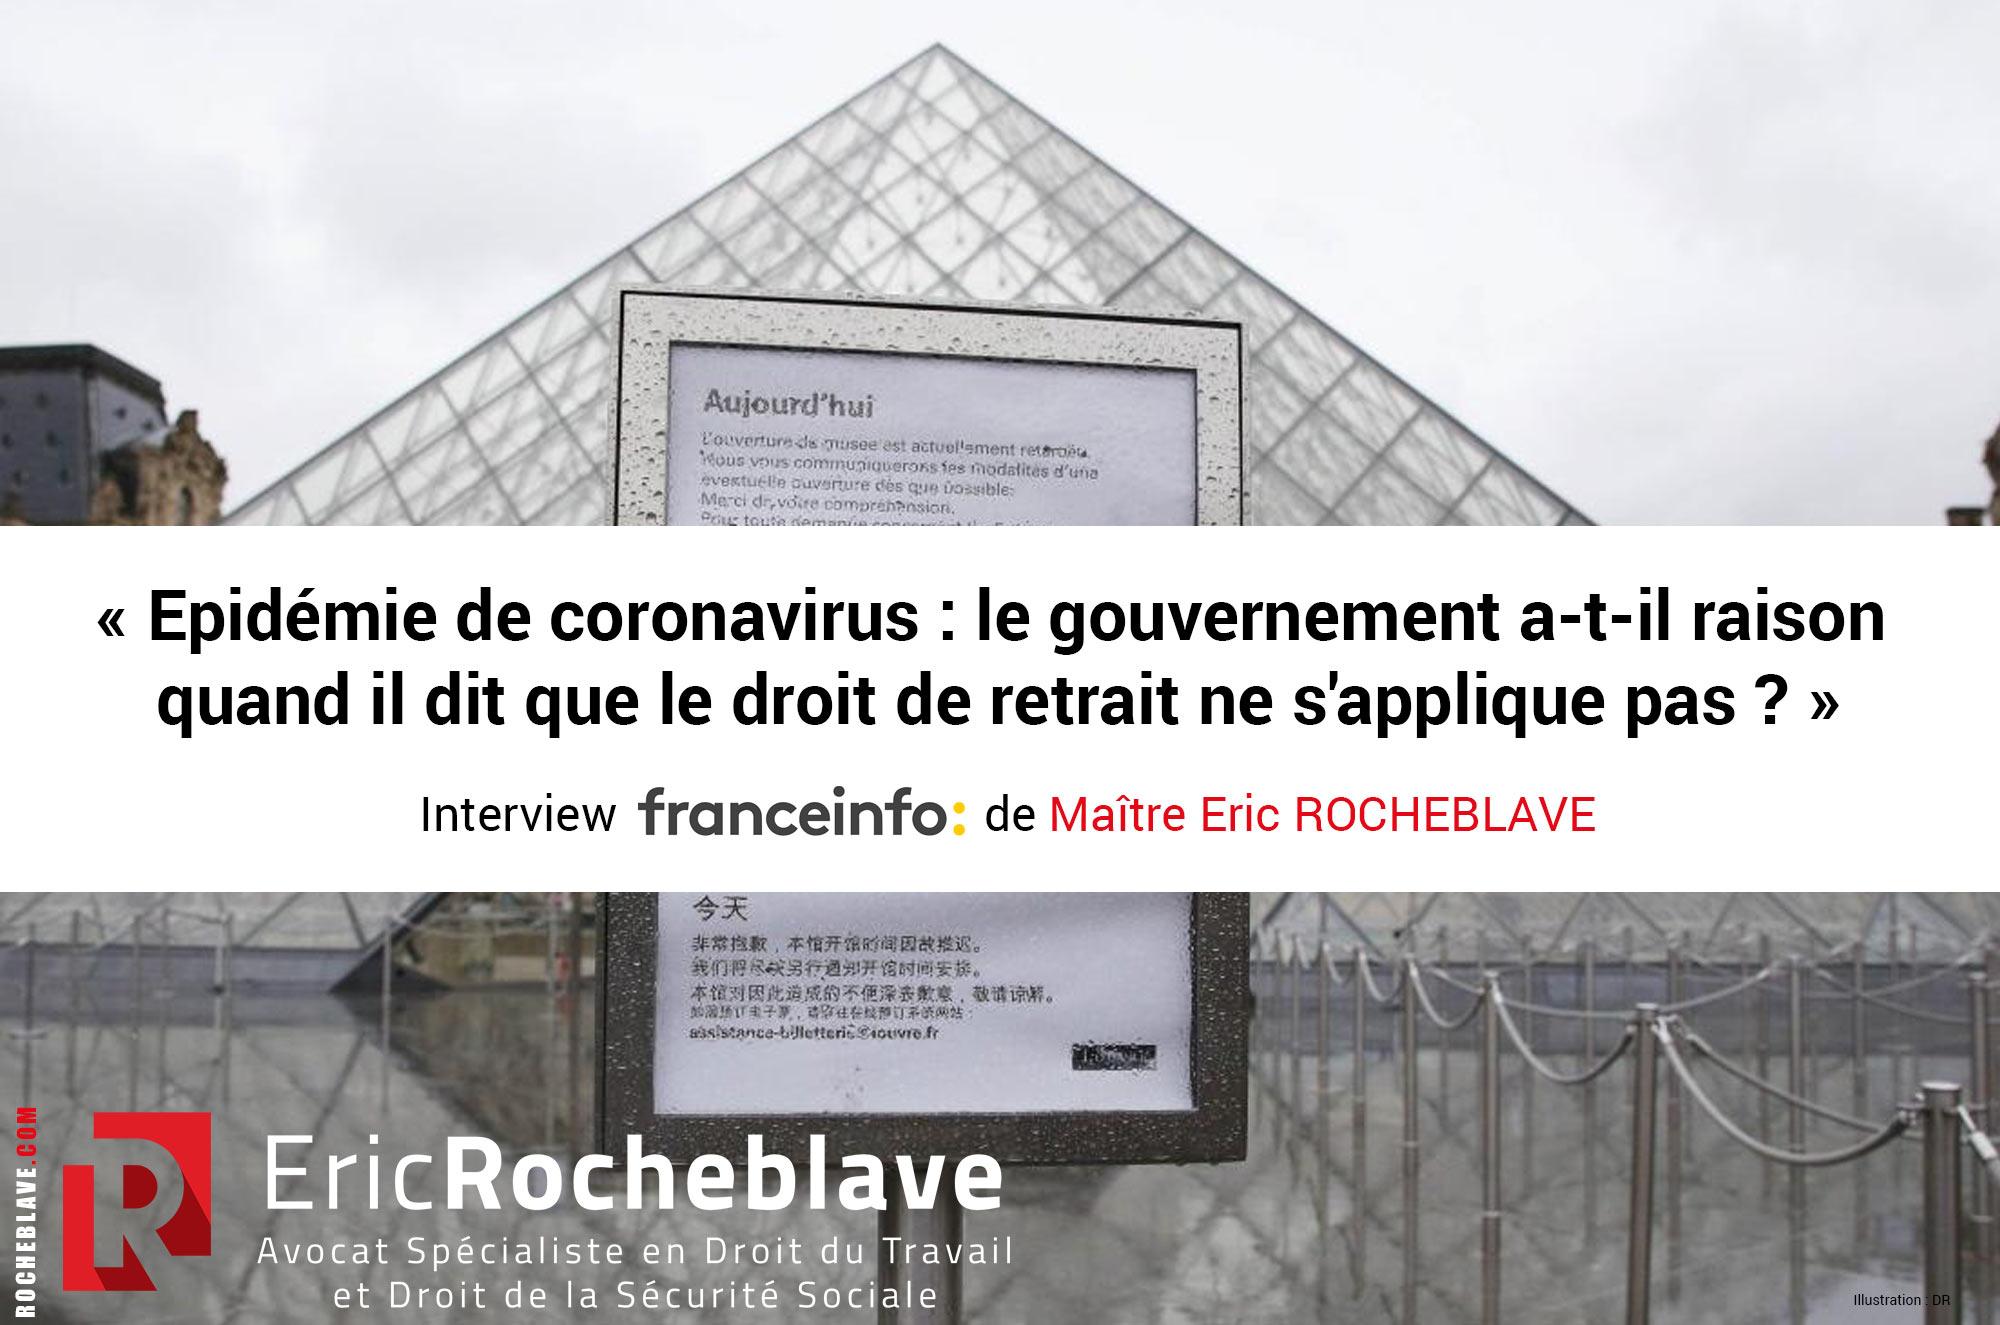 « Épidémie de coronavirus : le gouvernement a-t-il raison  quand il dit que le droit de retrait ne s'applique pas ? » Interview franceinfo de Maître Eric ROCHEBLAVE